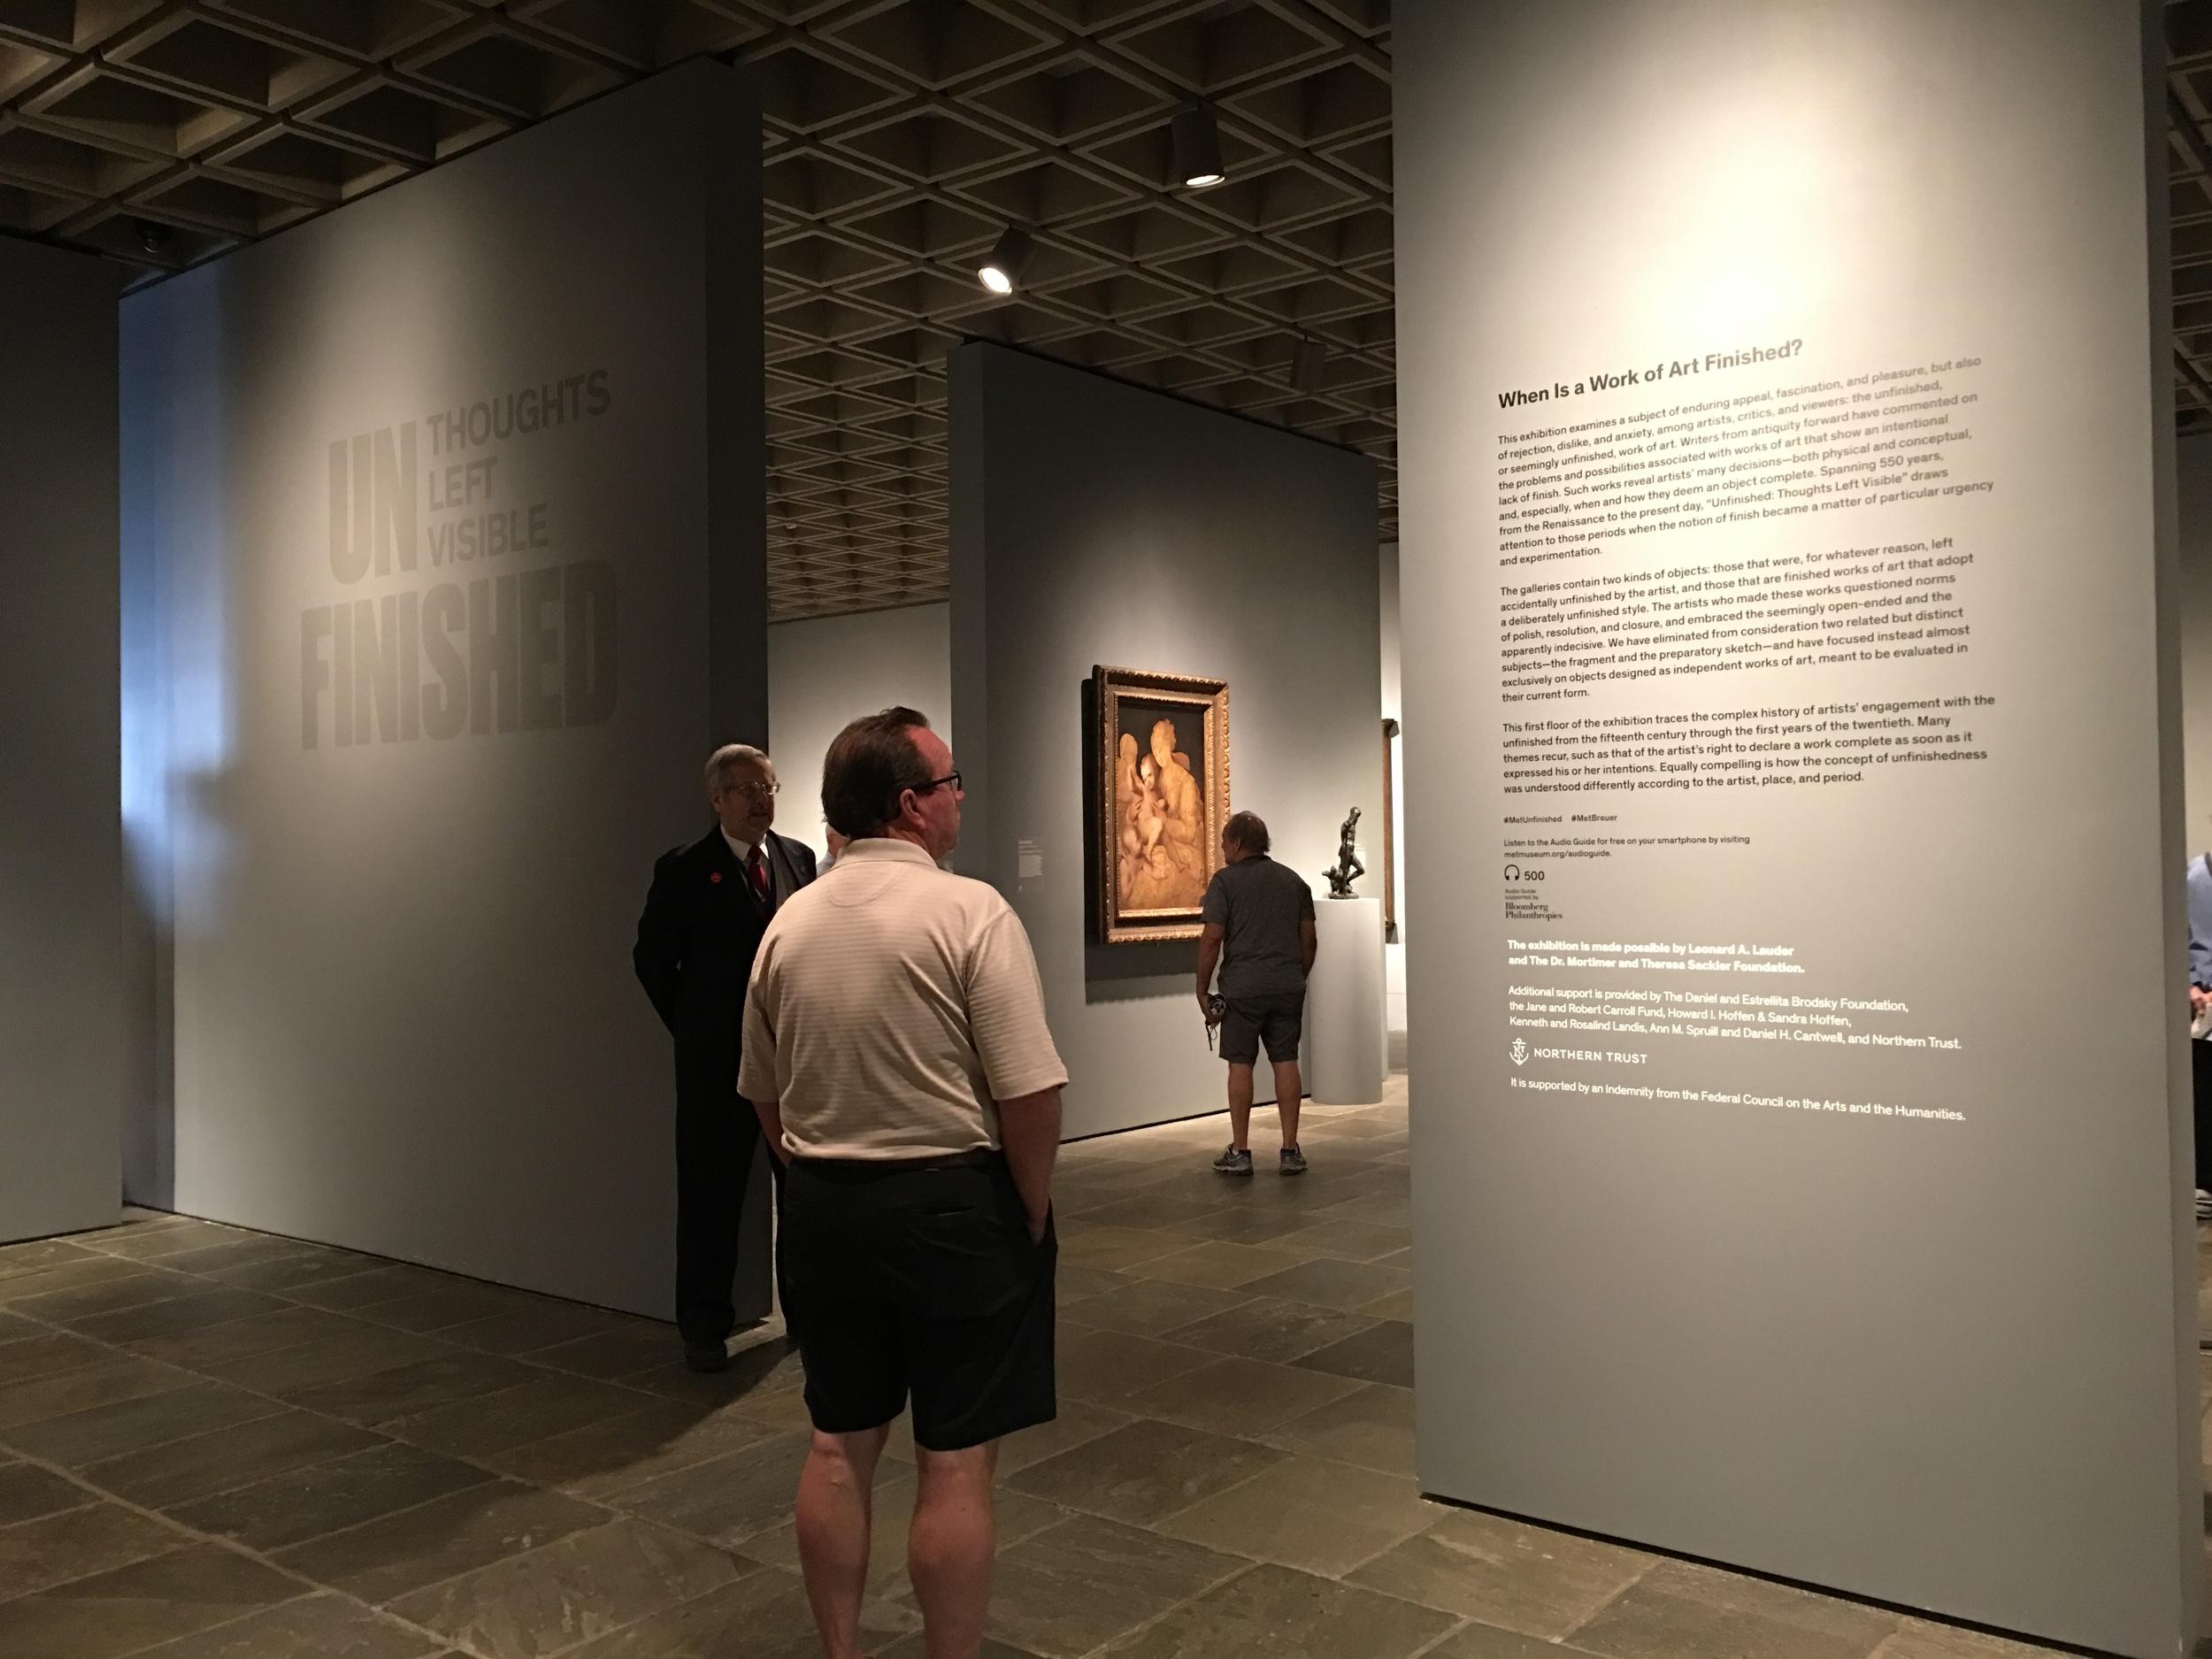 MET Breuer Unfinished Exhibit Entry.JPG